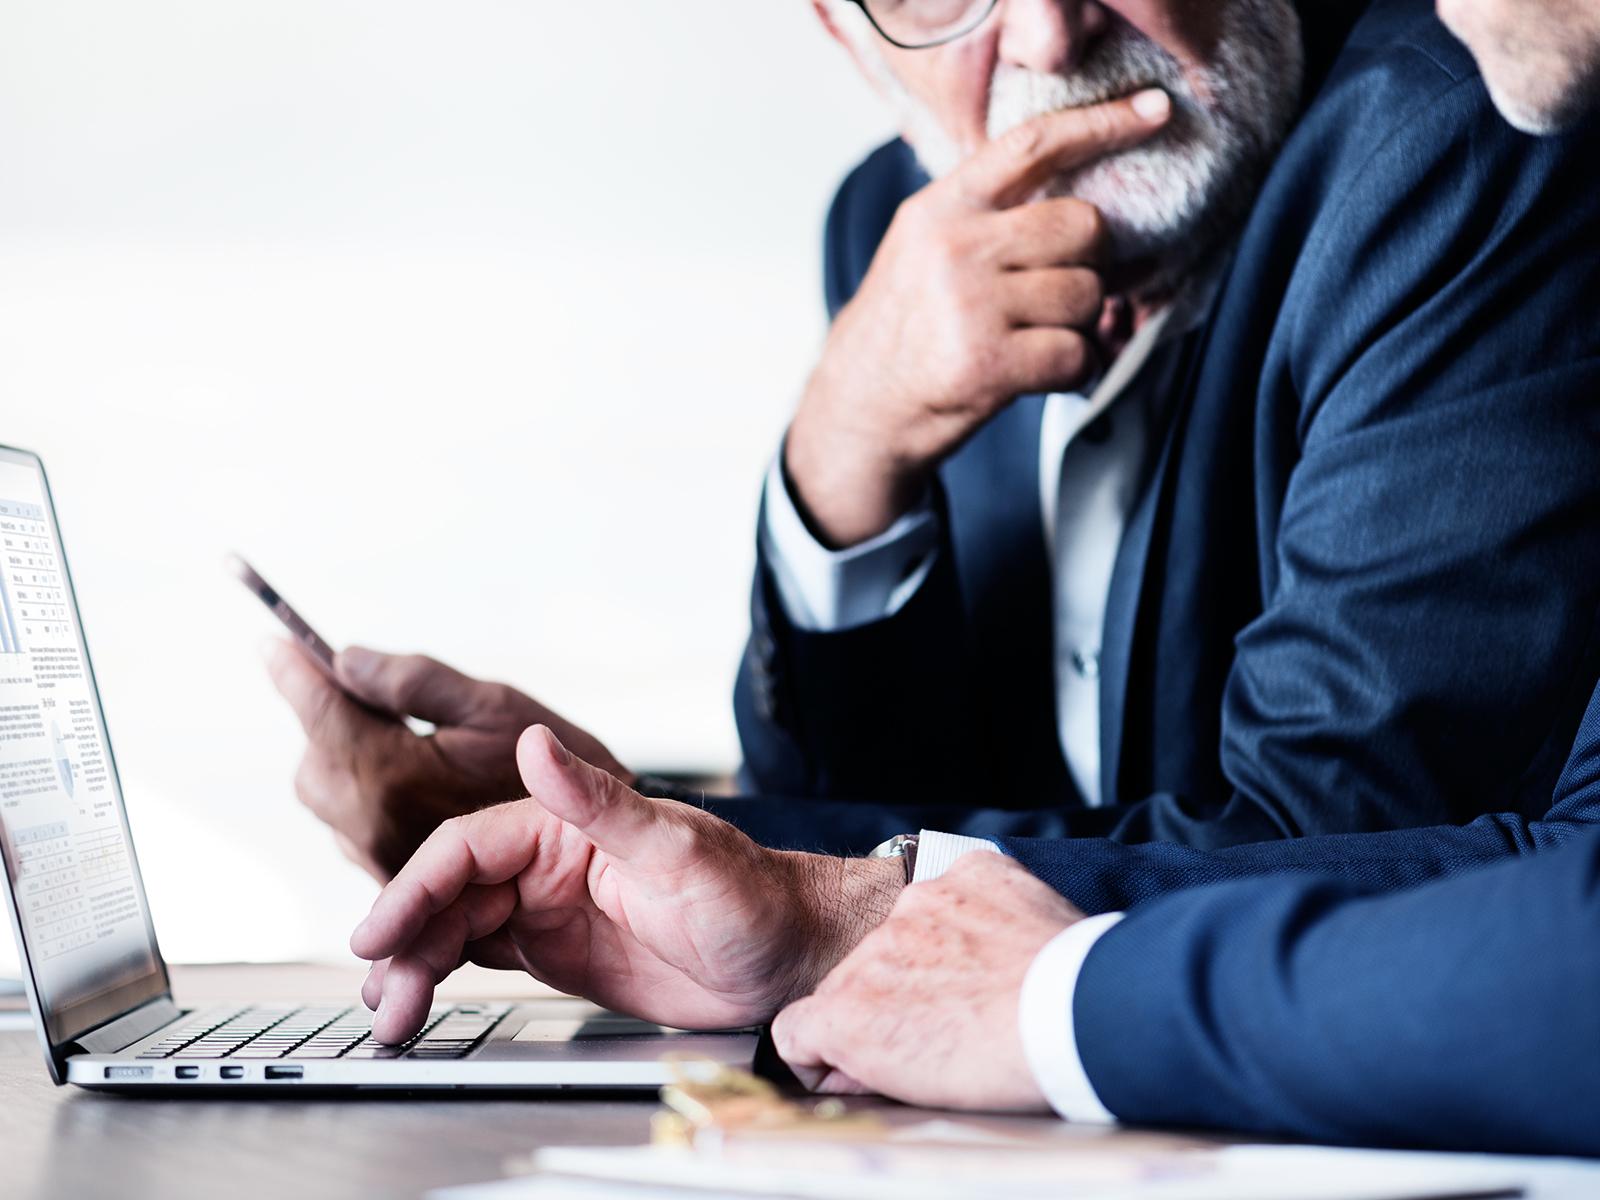 uslugihostingowedlafirm Hosting Biznes - jaki hosting wybrać dla nowego biznesu?